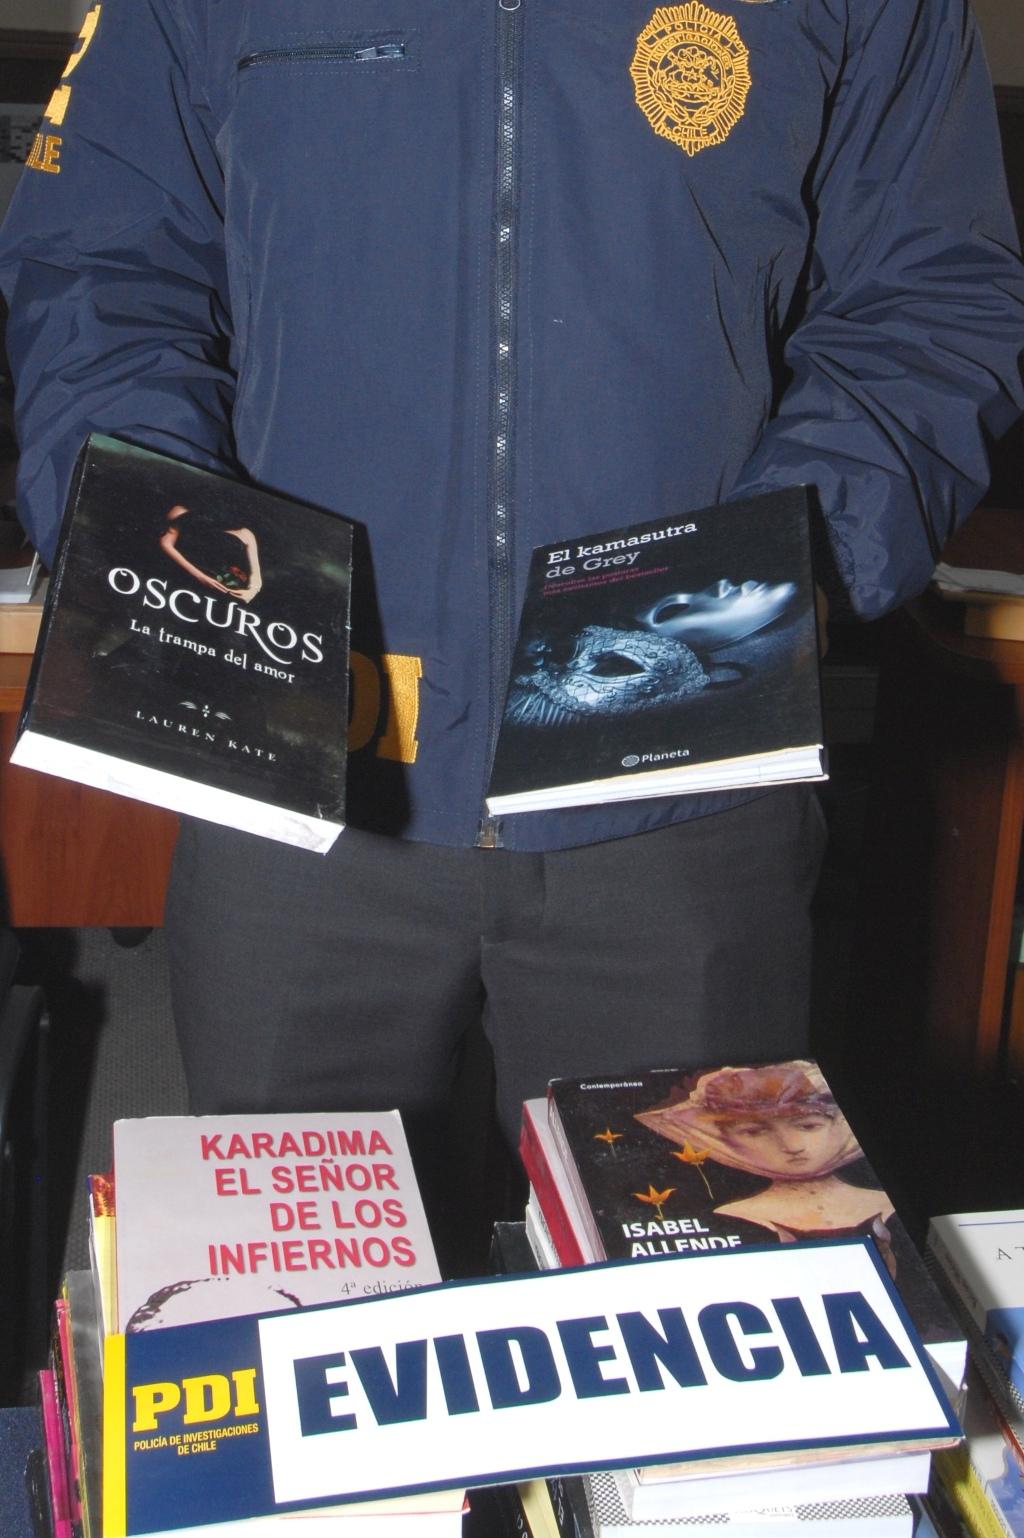 Incautan 140 libros falsificados en Mulchén: 50 Sombras de Grey y Harry Potter entre los títulos adulterados